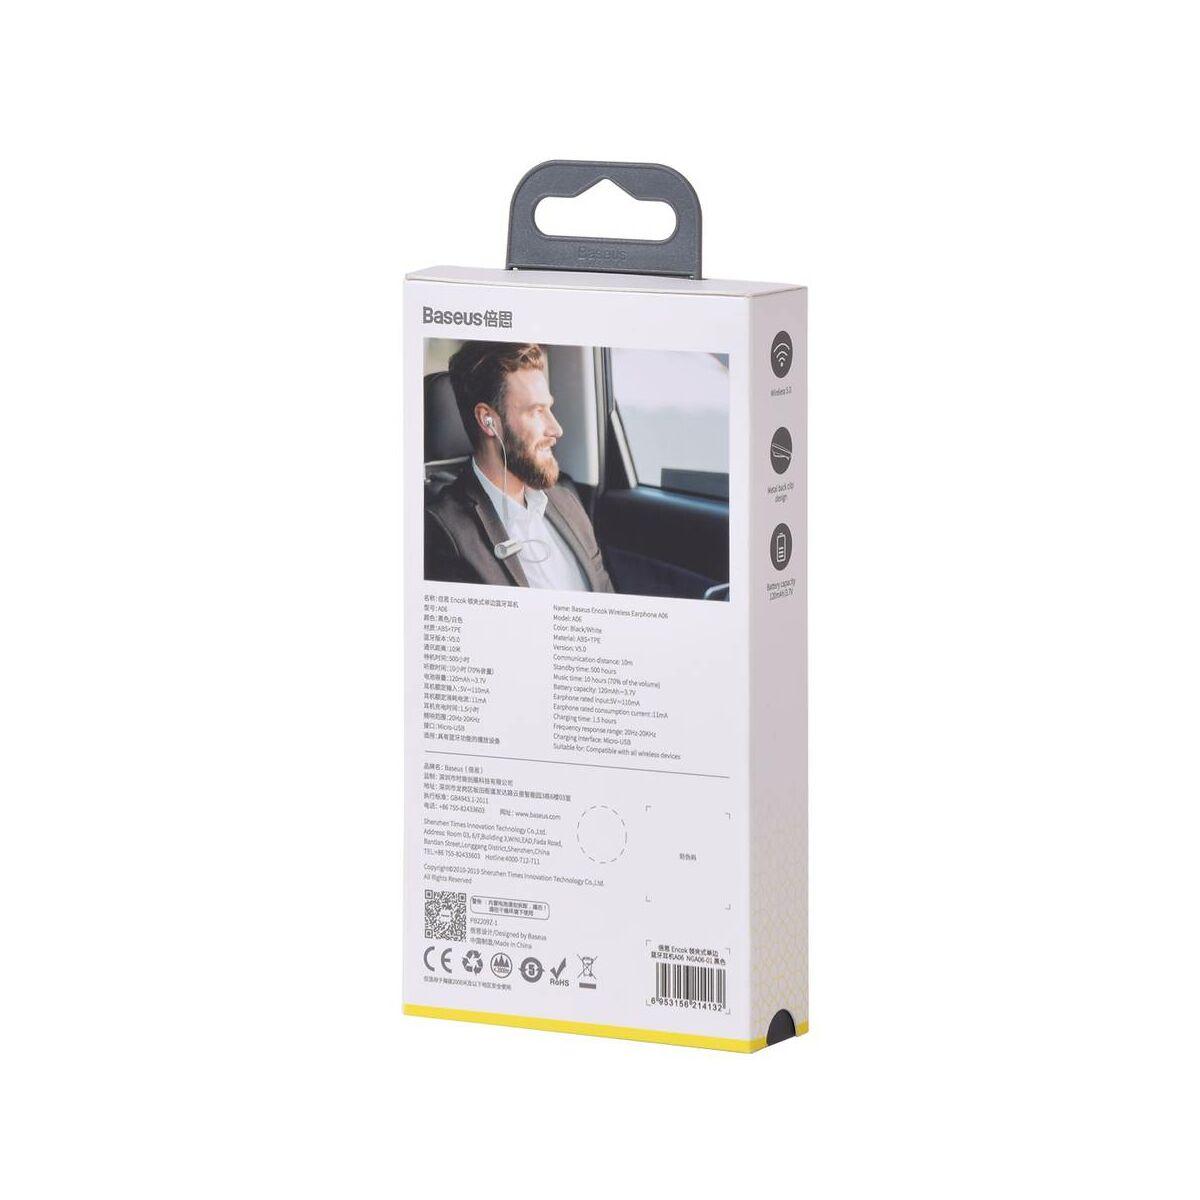 Baseus Headset Bluetooth Encok A06 Mono, ruhára csíptethető vezérlővel, fehér (NGA06-02)